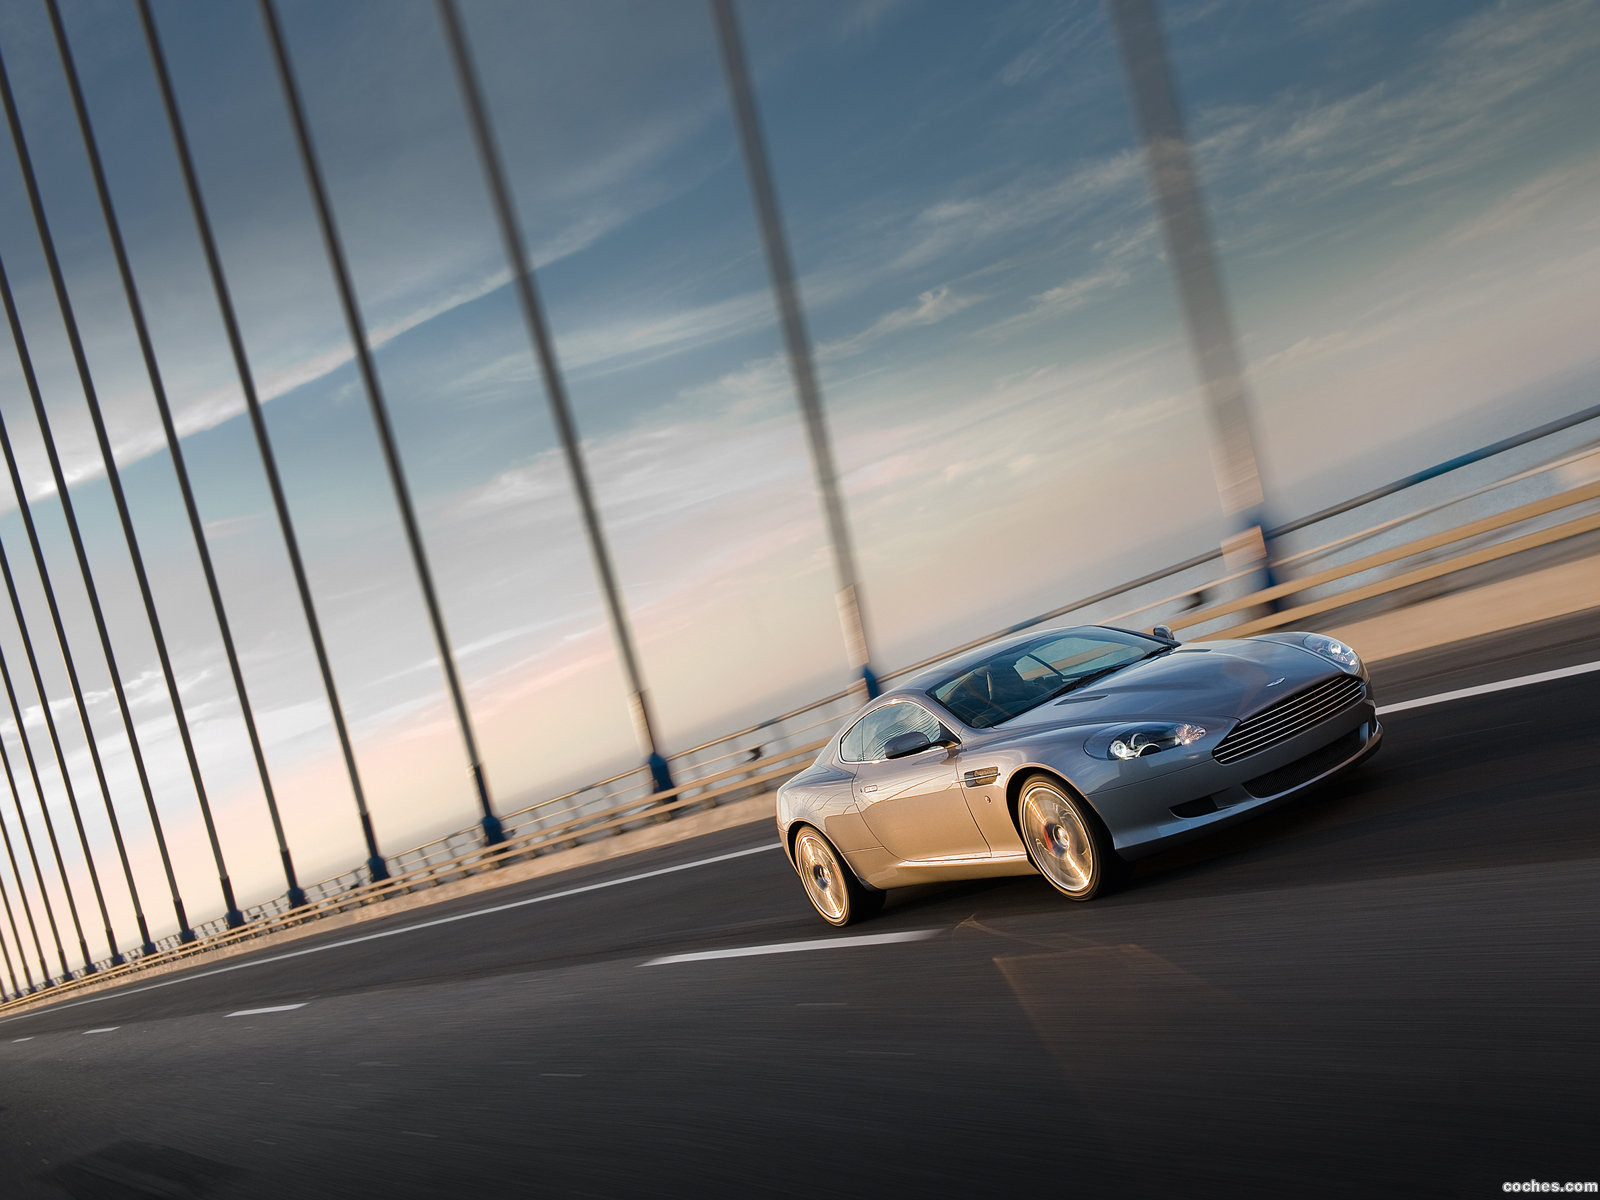 Foto 3 de Aston Martin DB9 Coupe 2009